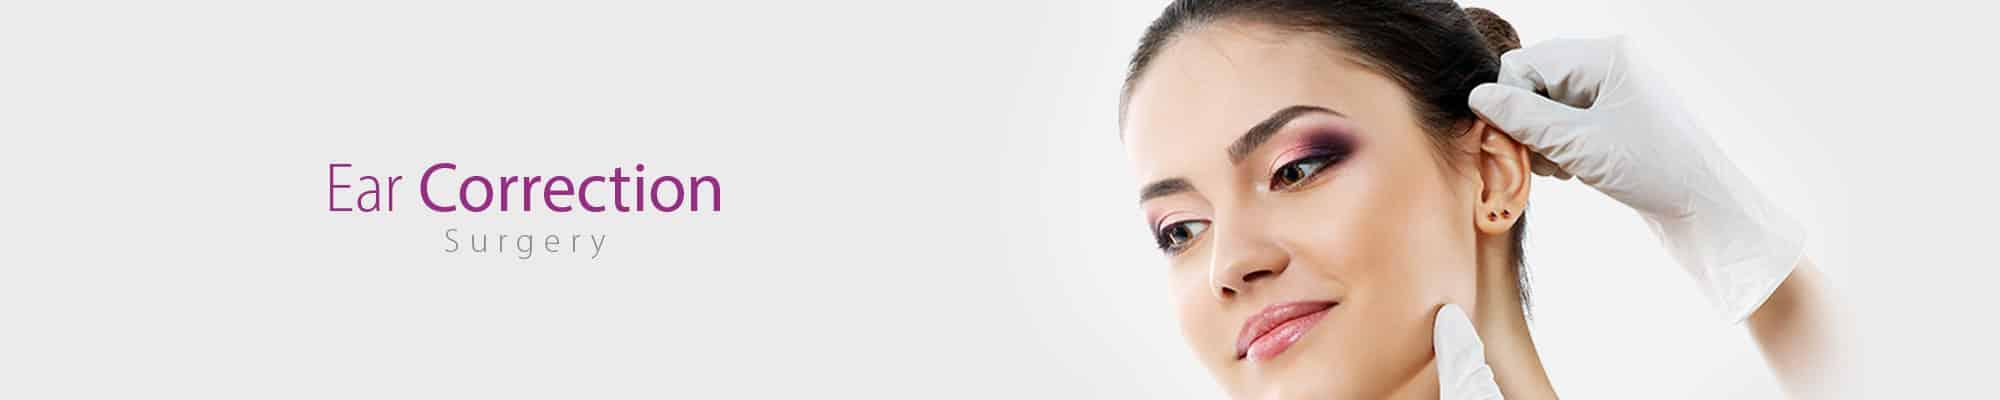 Ear Correction Surgery